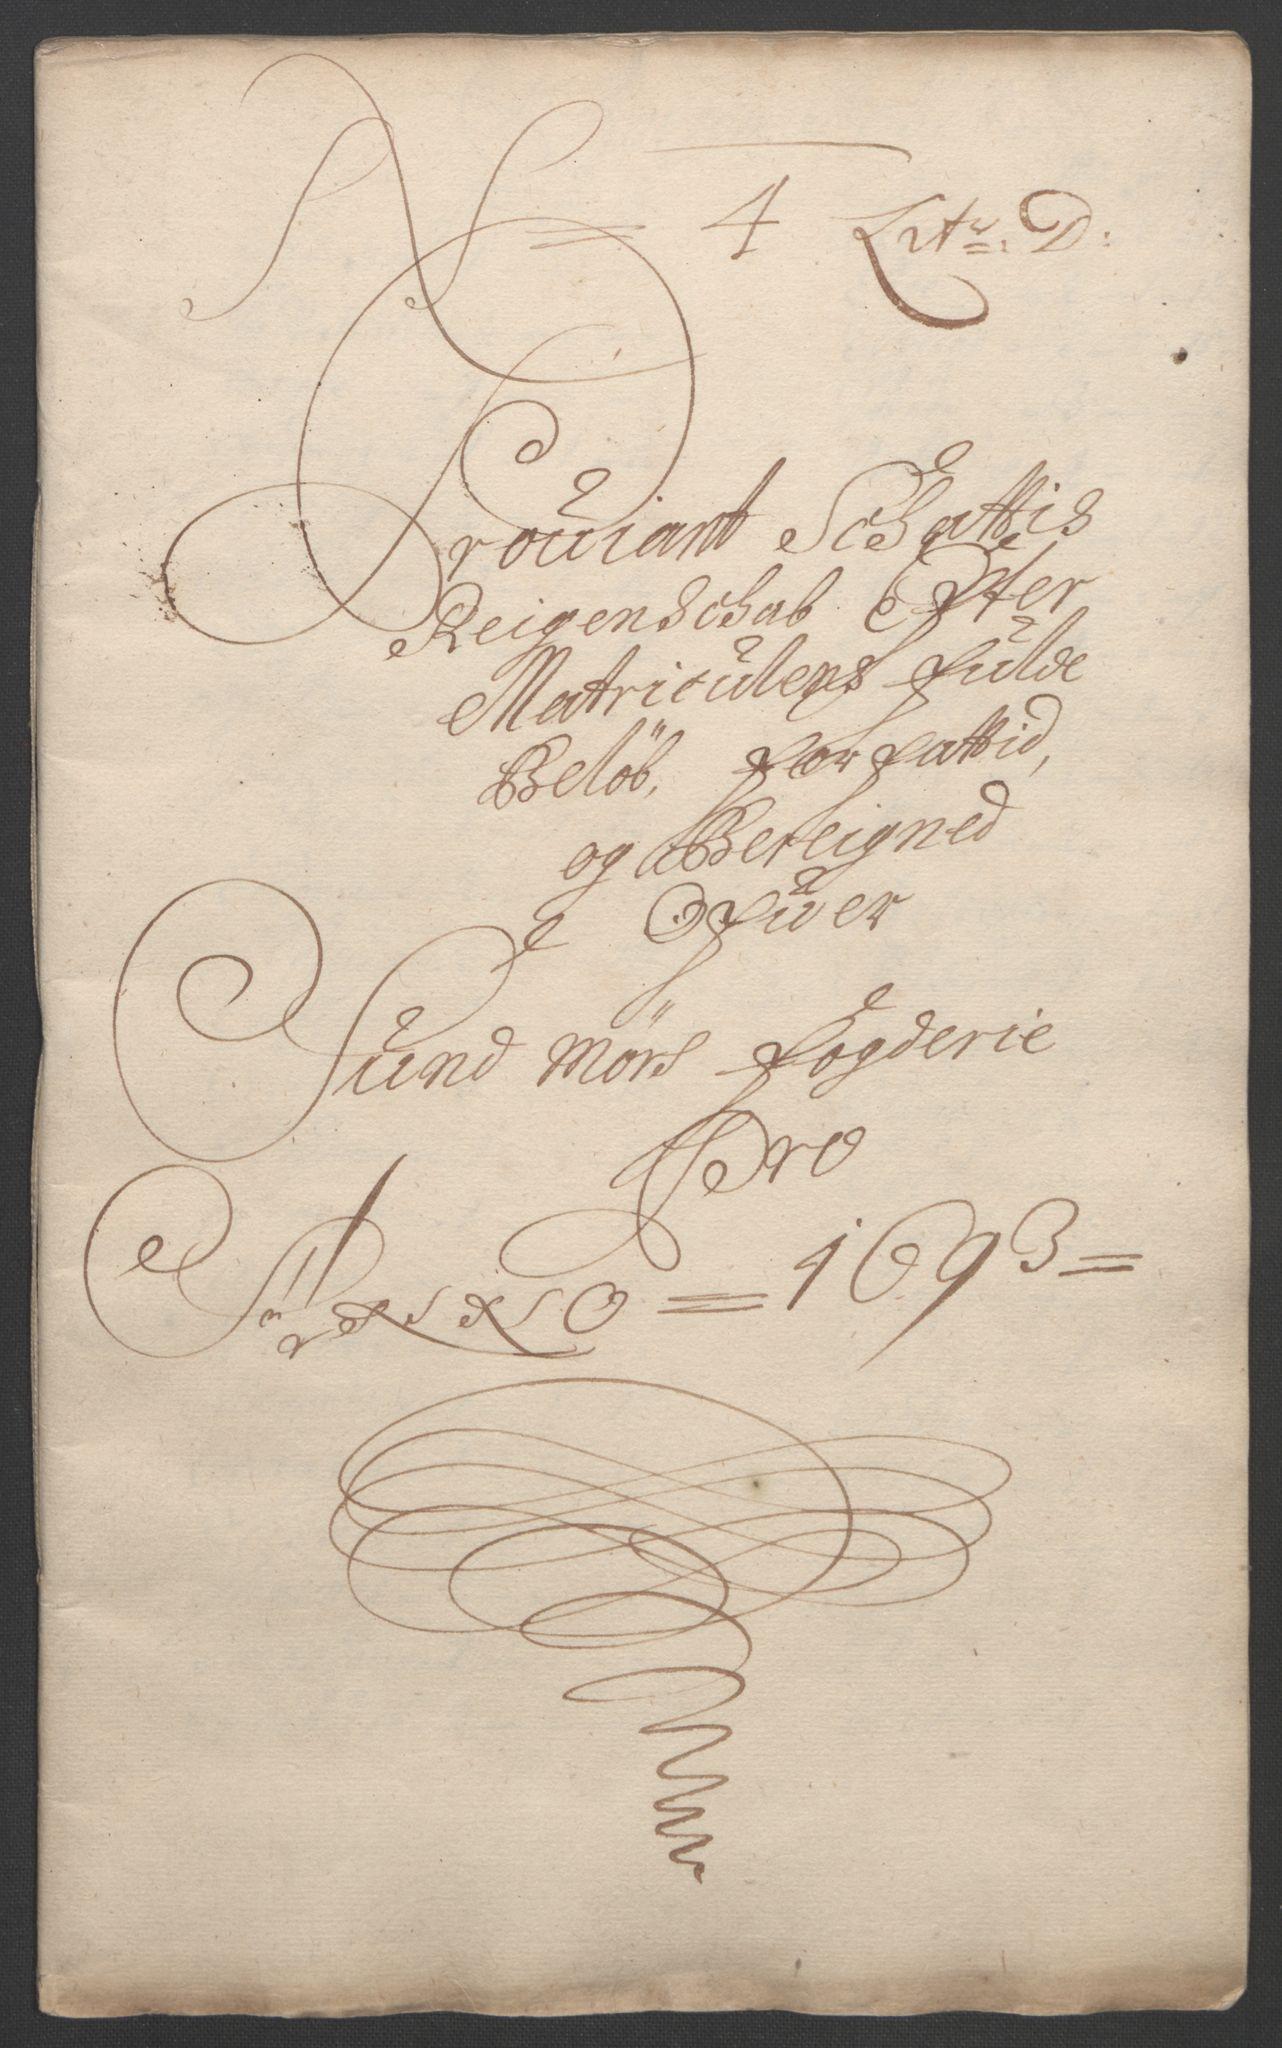 RA, Rentekammeret inntil 1814, Reviderte regnskaper, Fogderegnskap, R54/L3554: Fogderegnskap Sunnmøre, 1691-1693, s. 425